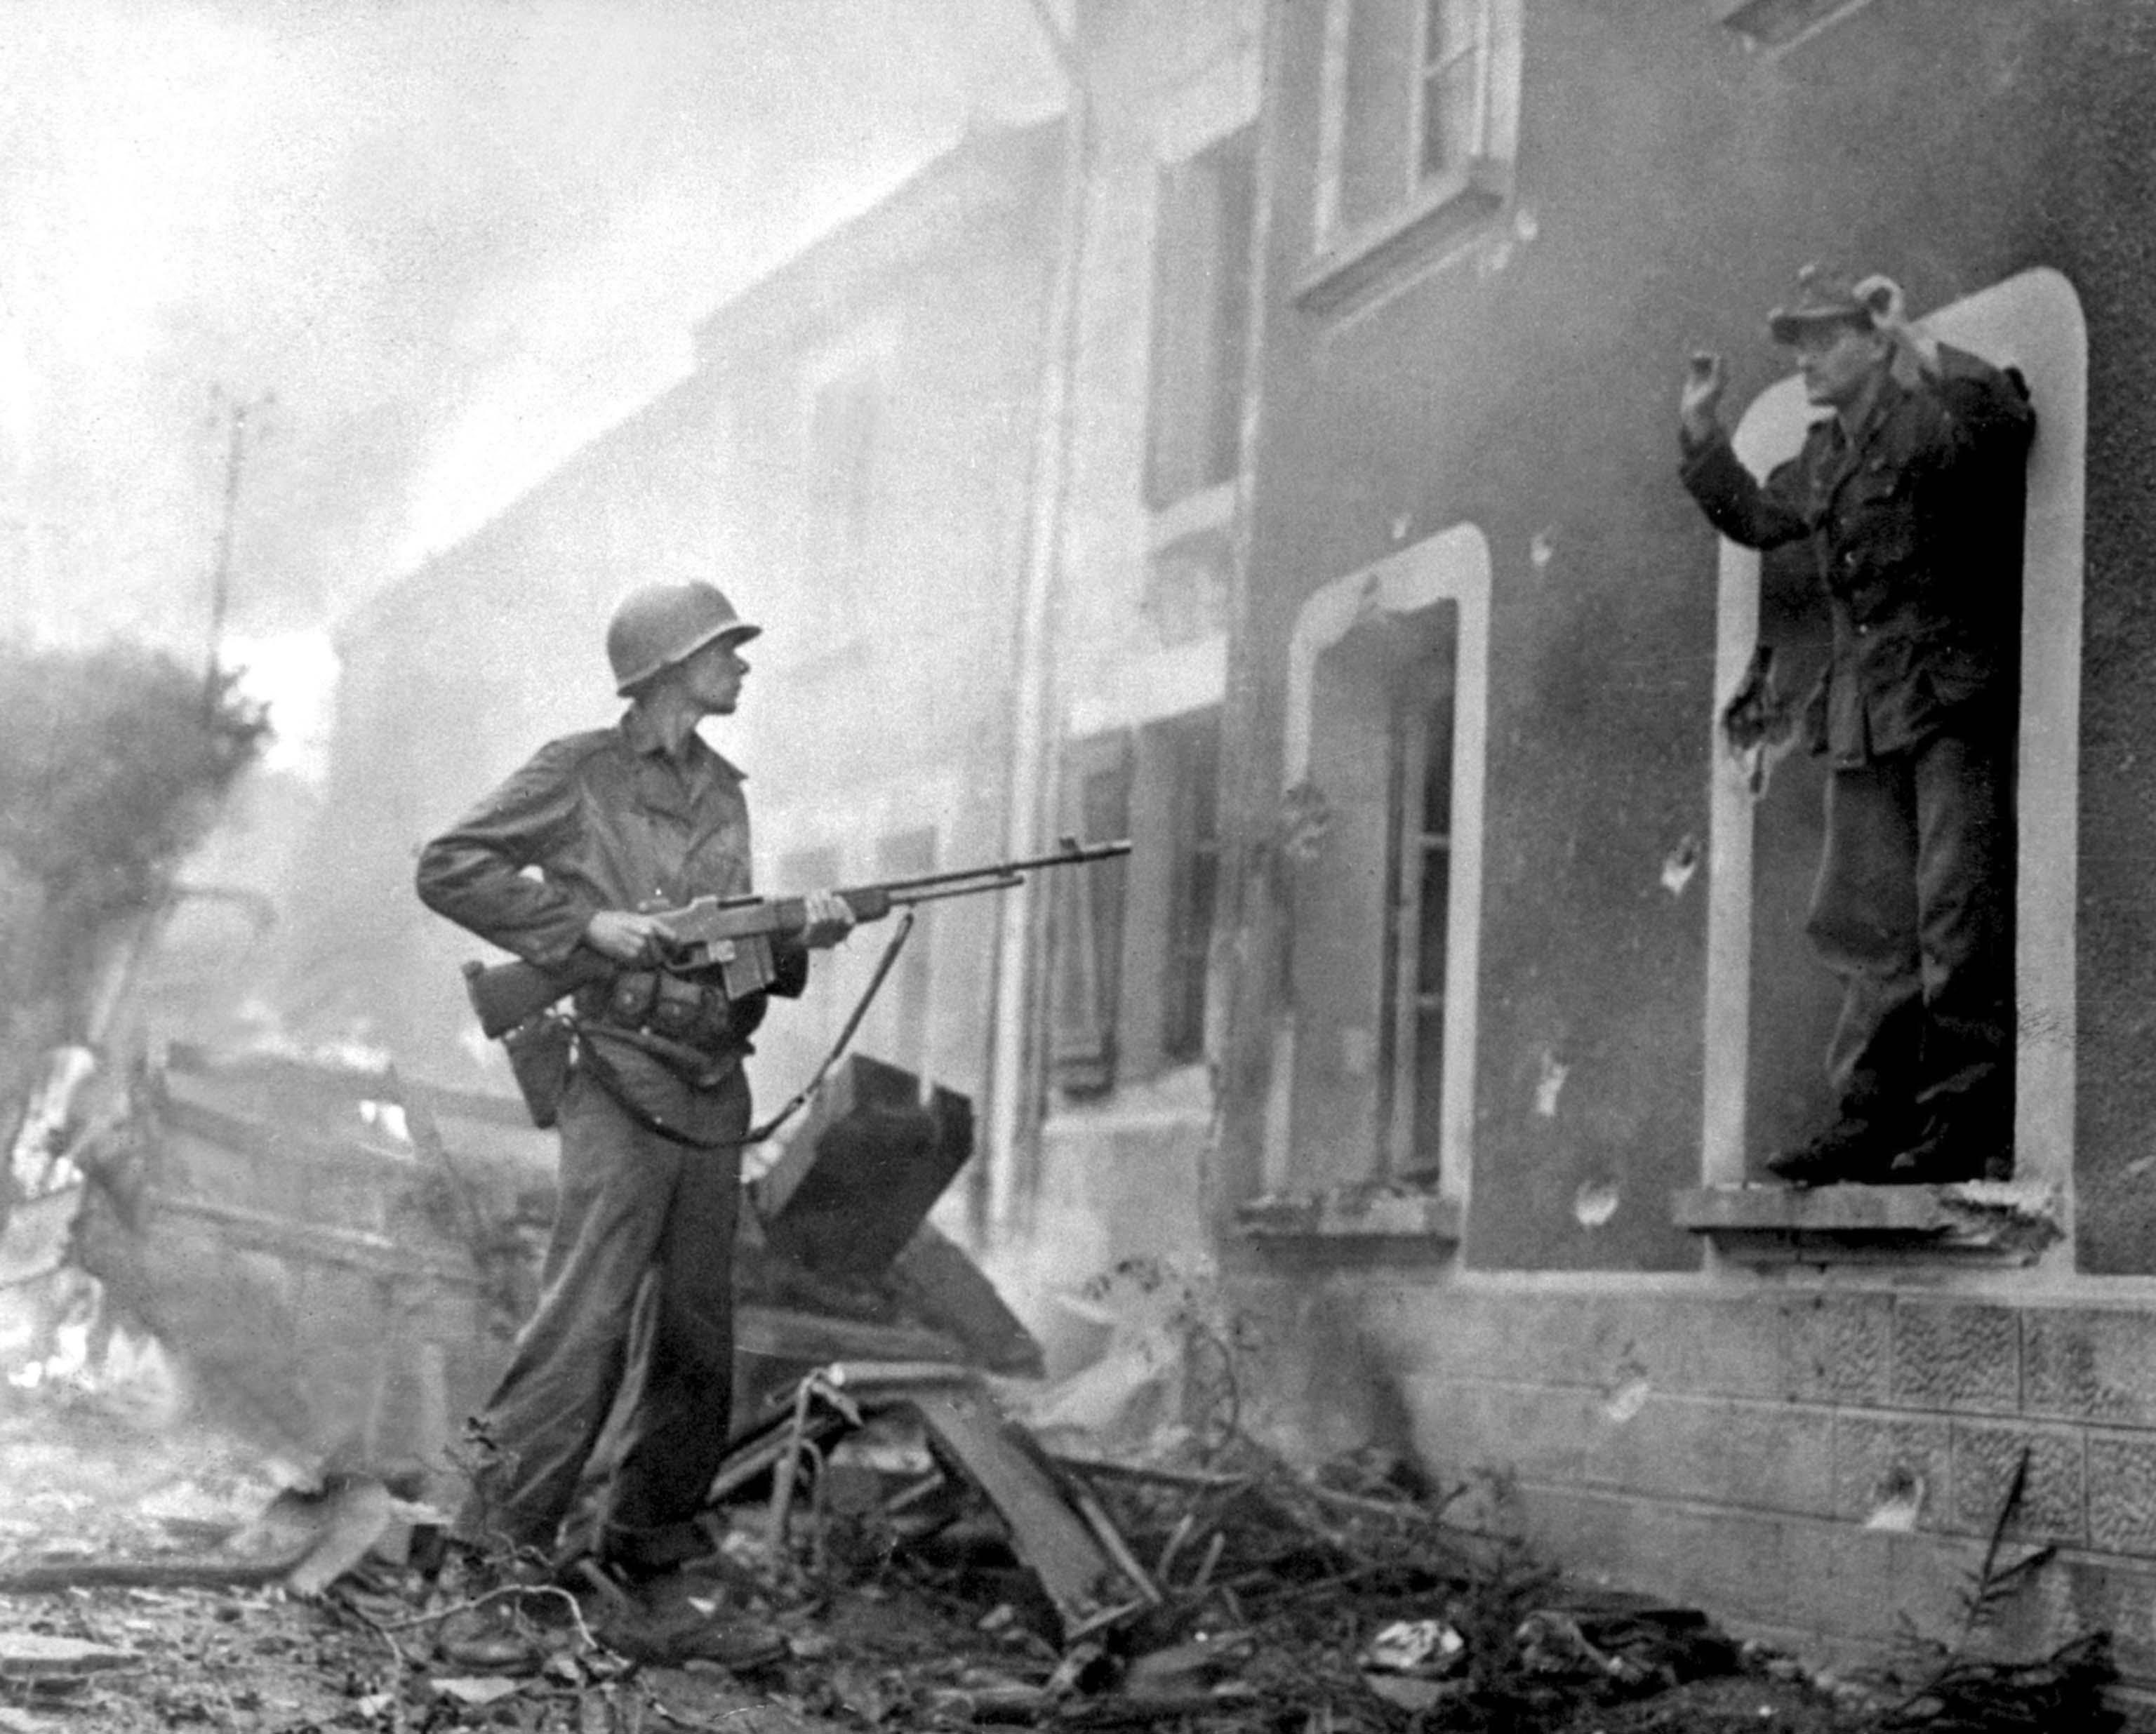 A German soldier